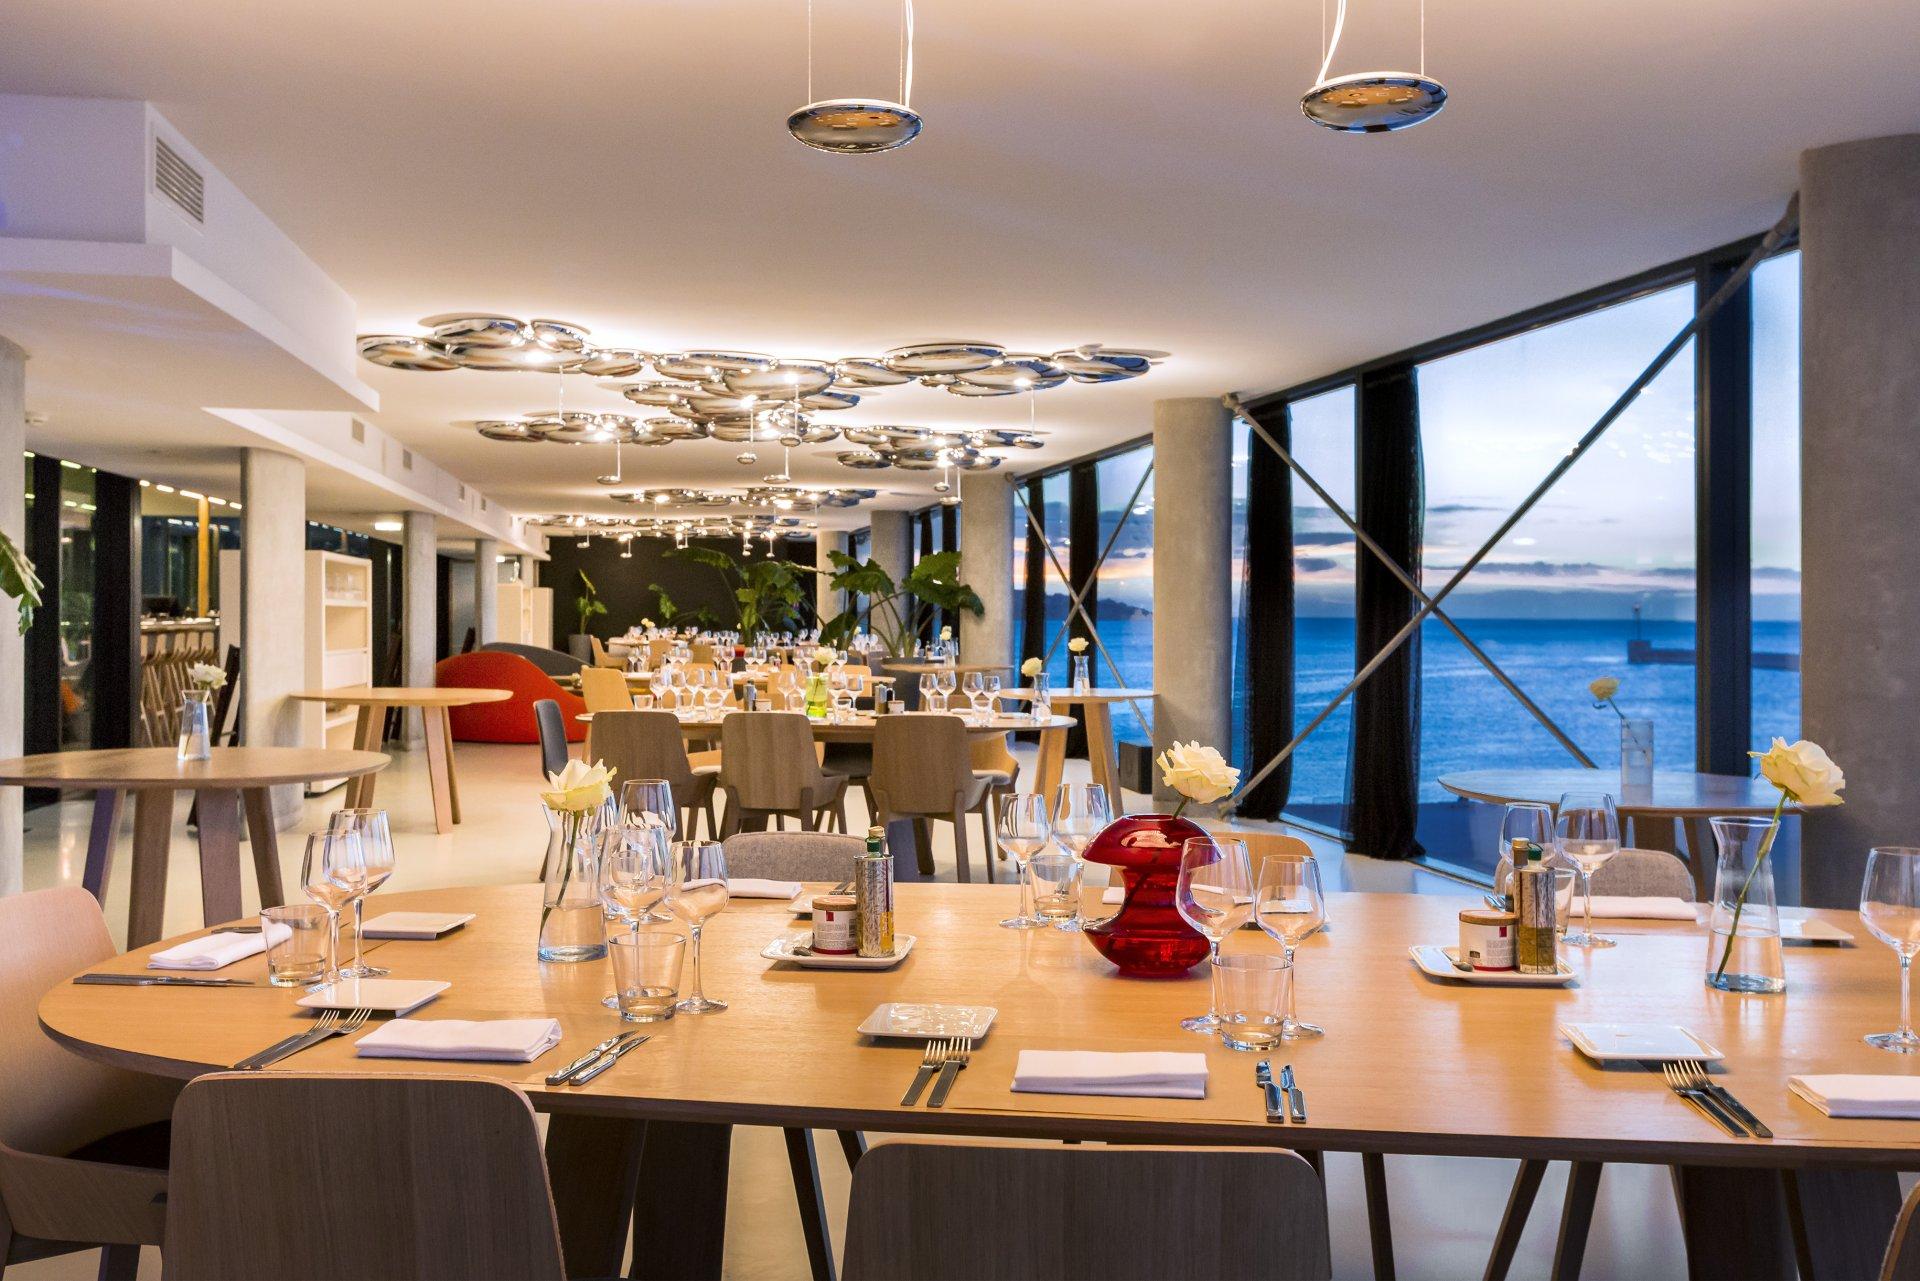 La table le m le passedat marseille bouches du rh ne - Restaurant la table ronde marseille ...